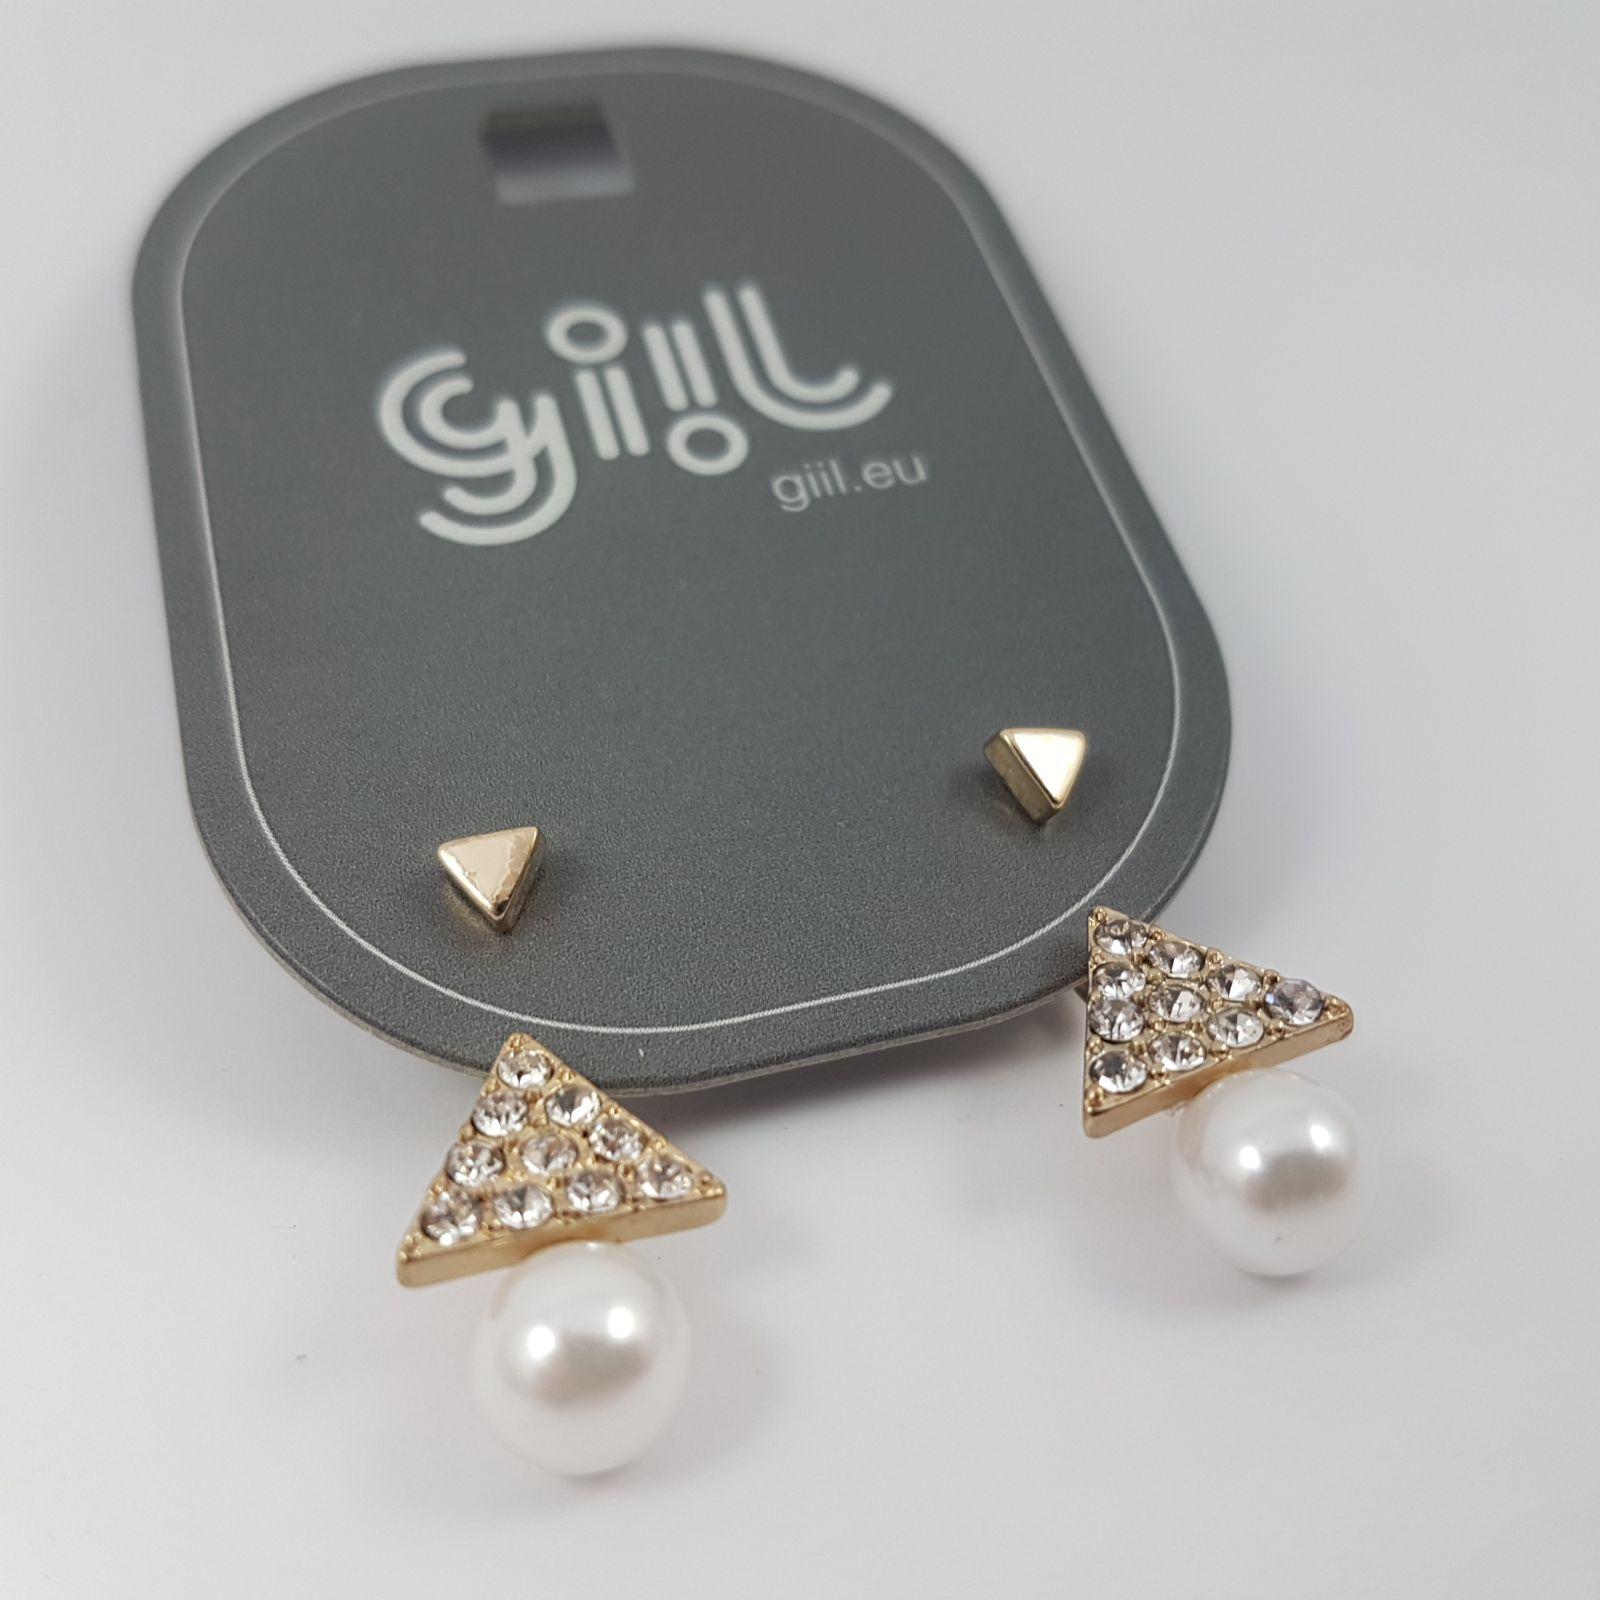 Trojuhelníkové náušnice s kamínky GIIL